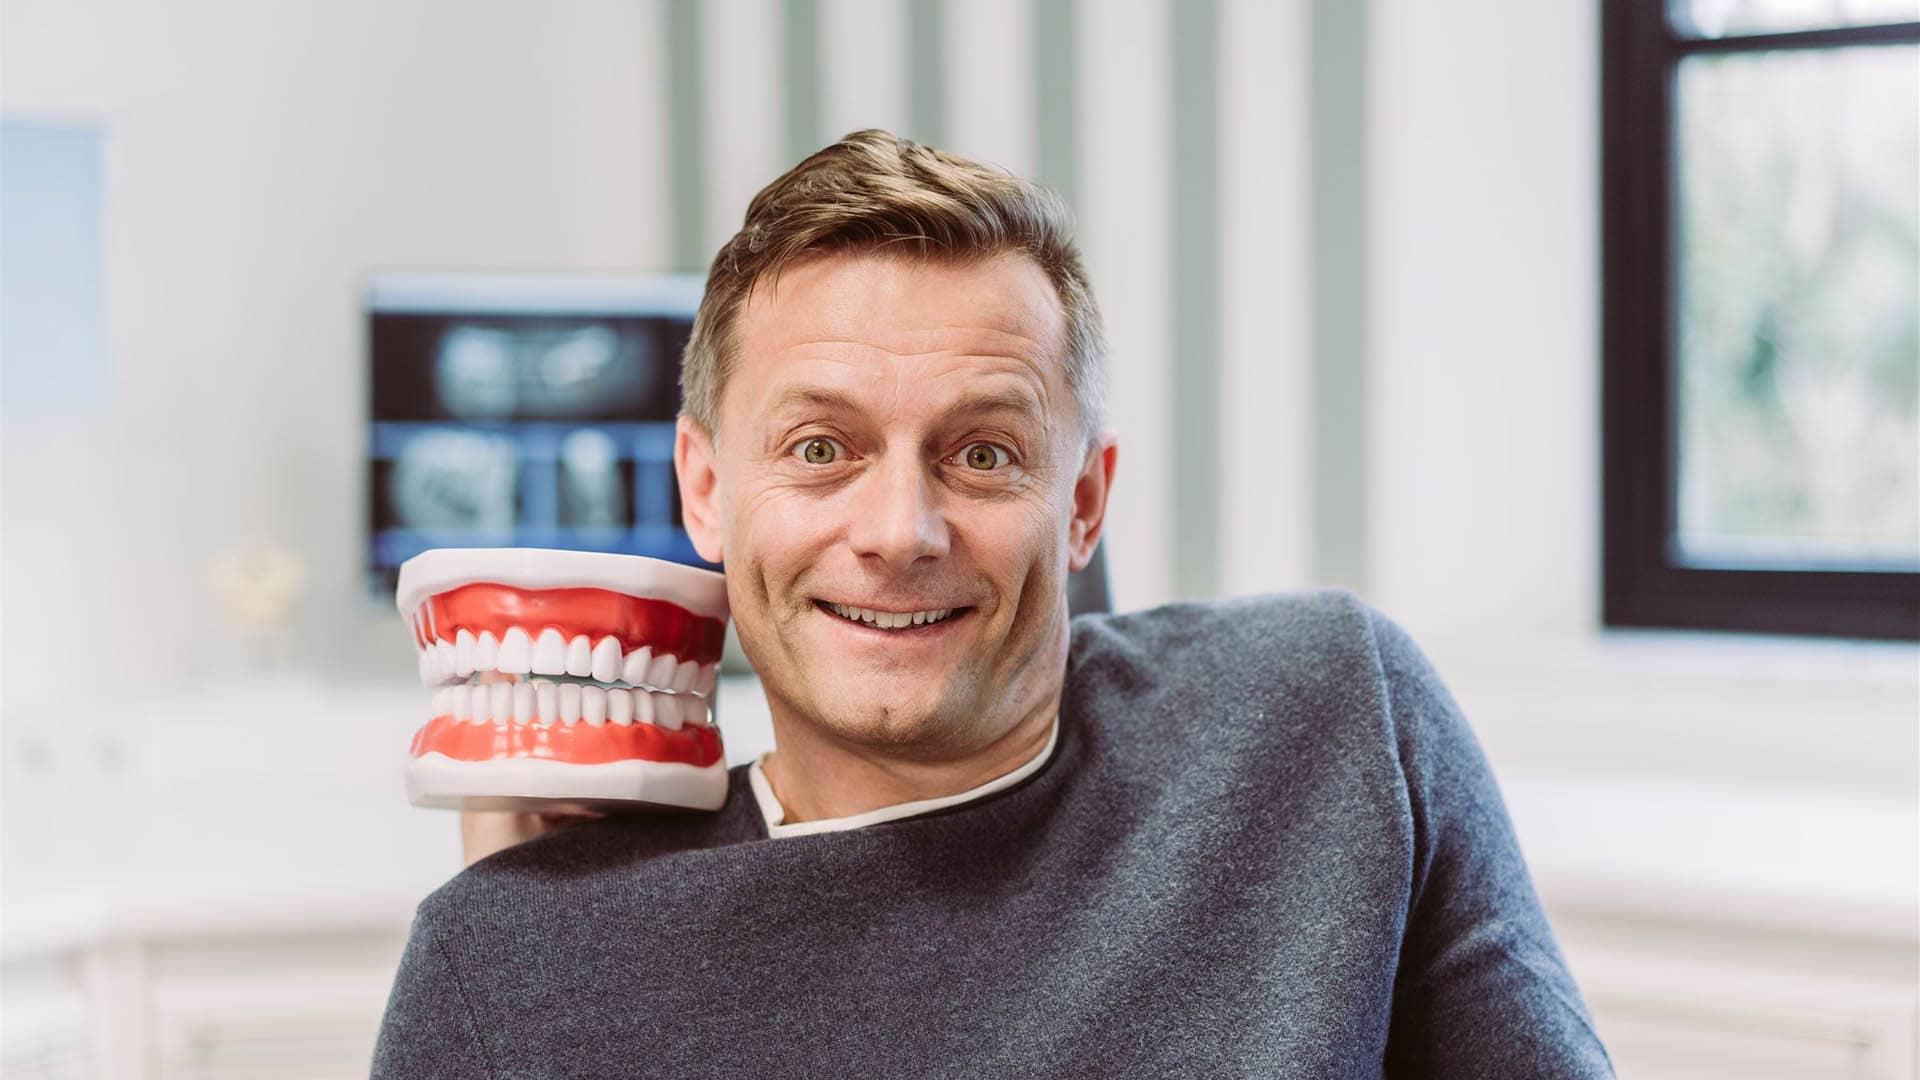 Bis zur Totalsanierung der Zähne